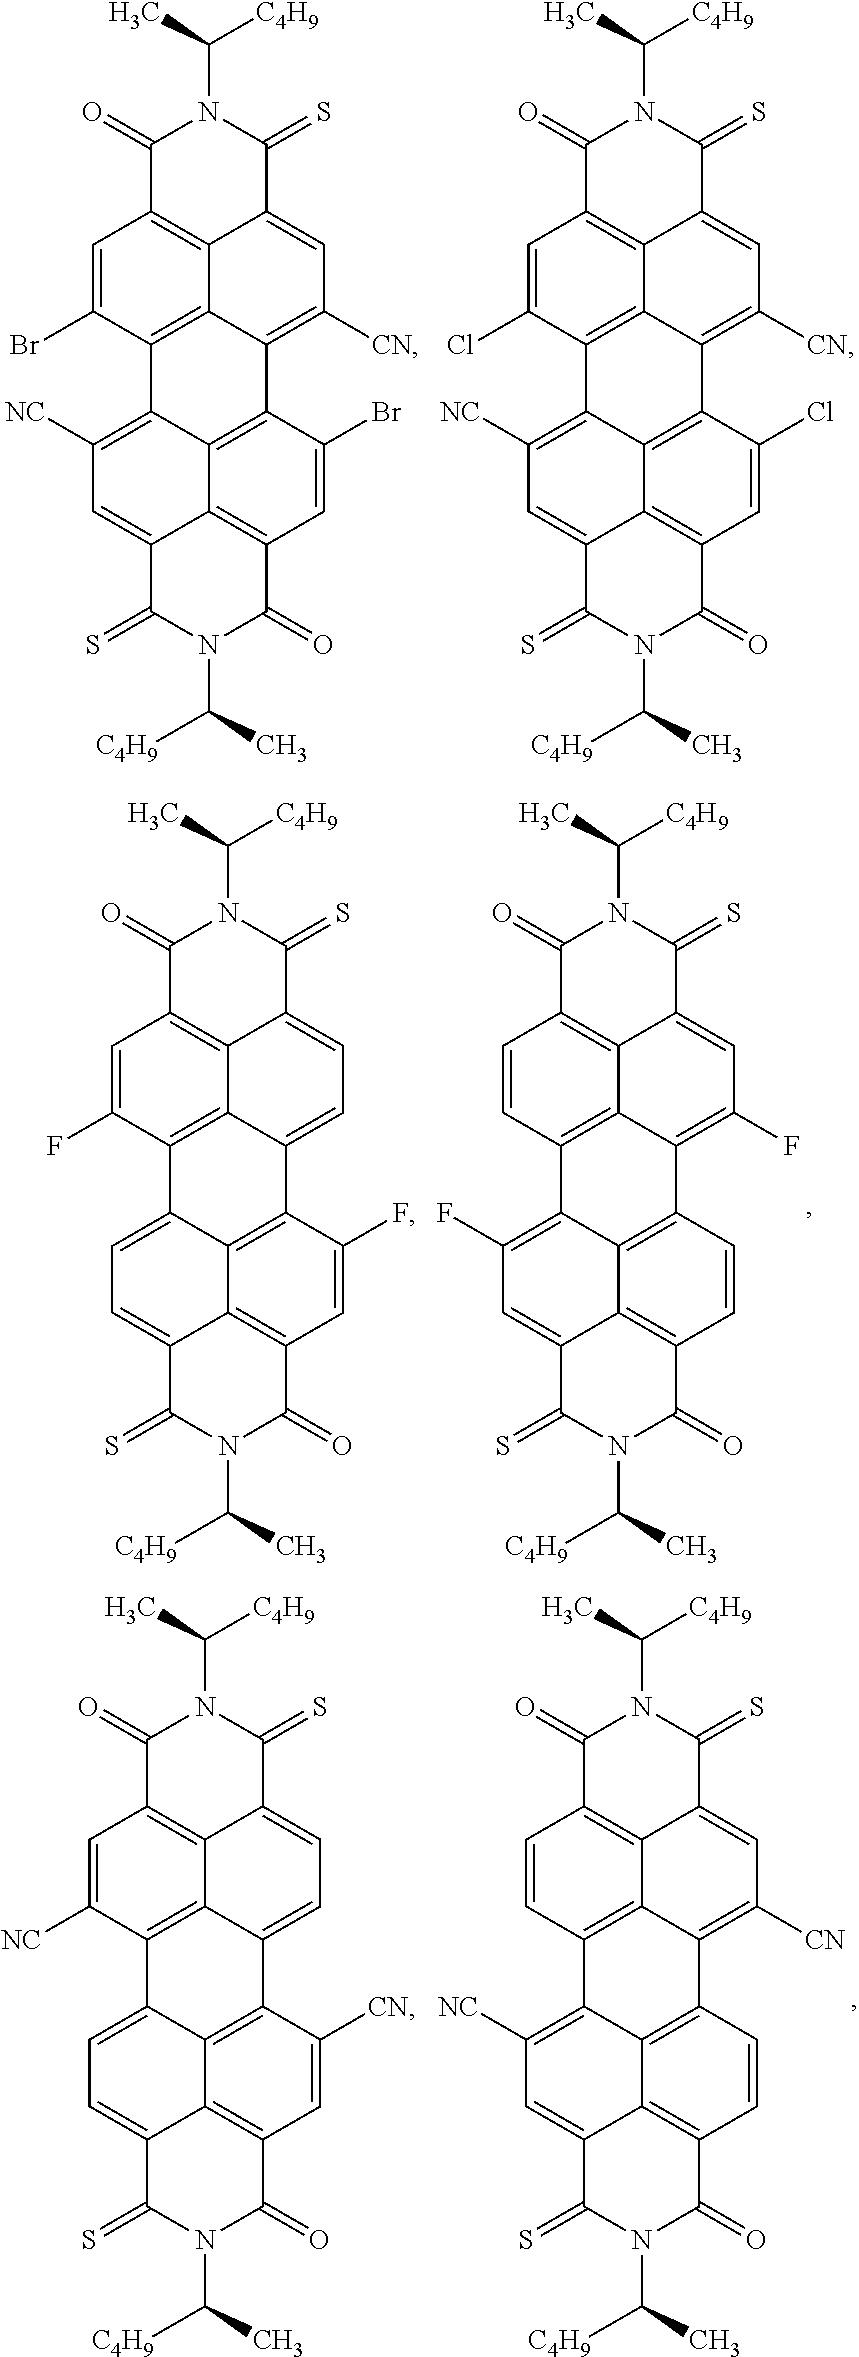 Figure US08440828-20130514-C00050